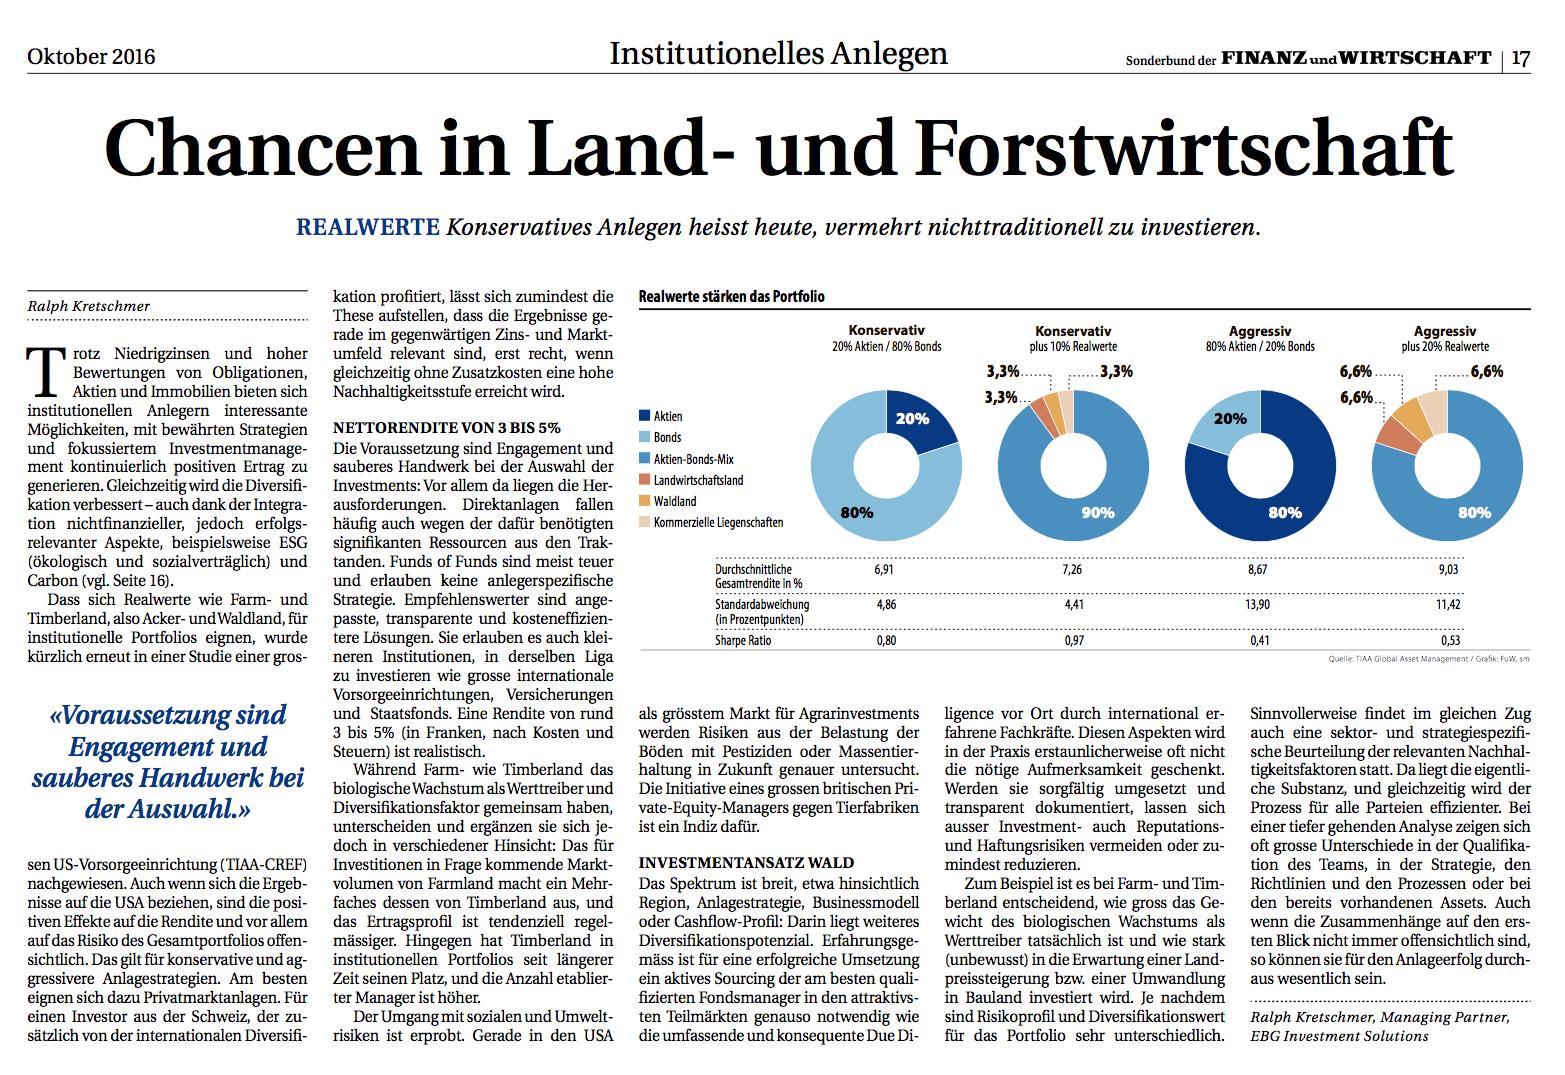 FuW: Sonderbeilage Institutionelles Anlegen: Chancen in Forts- und Landwirtschaft